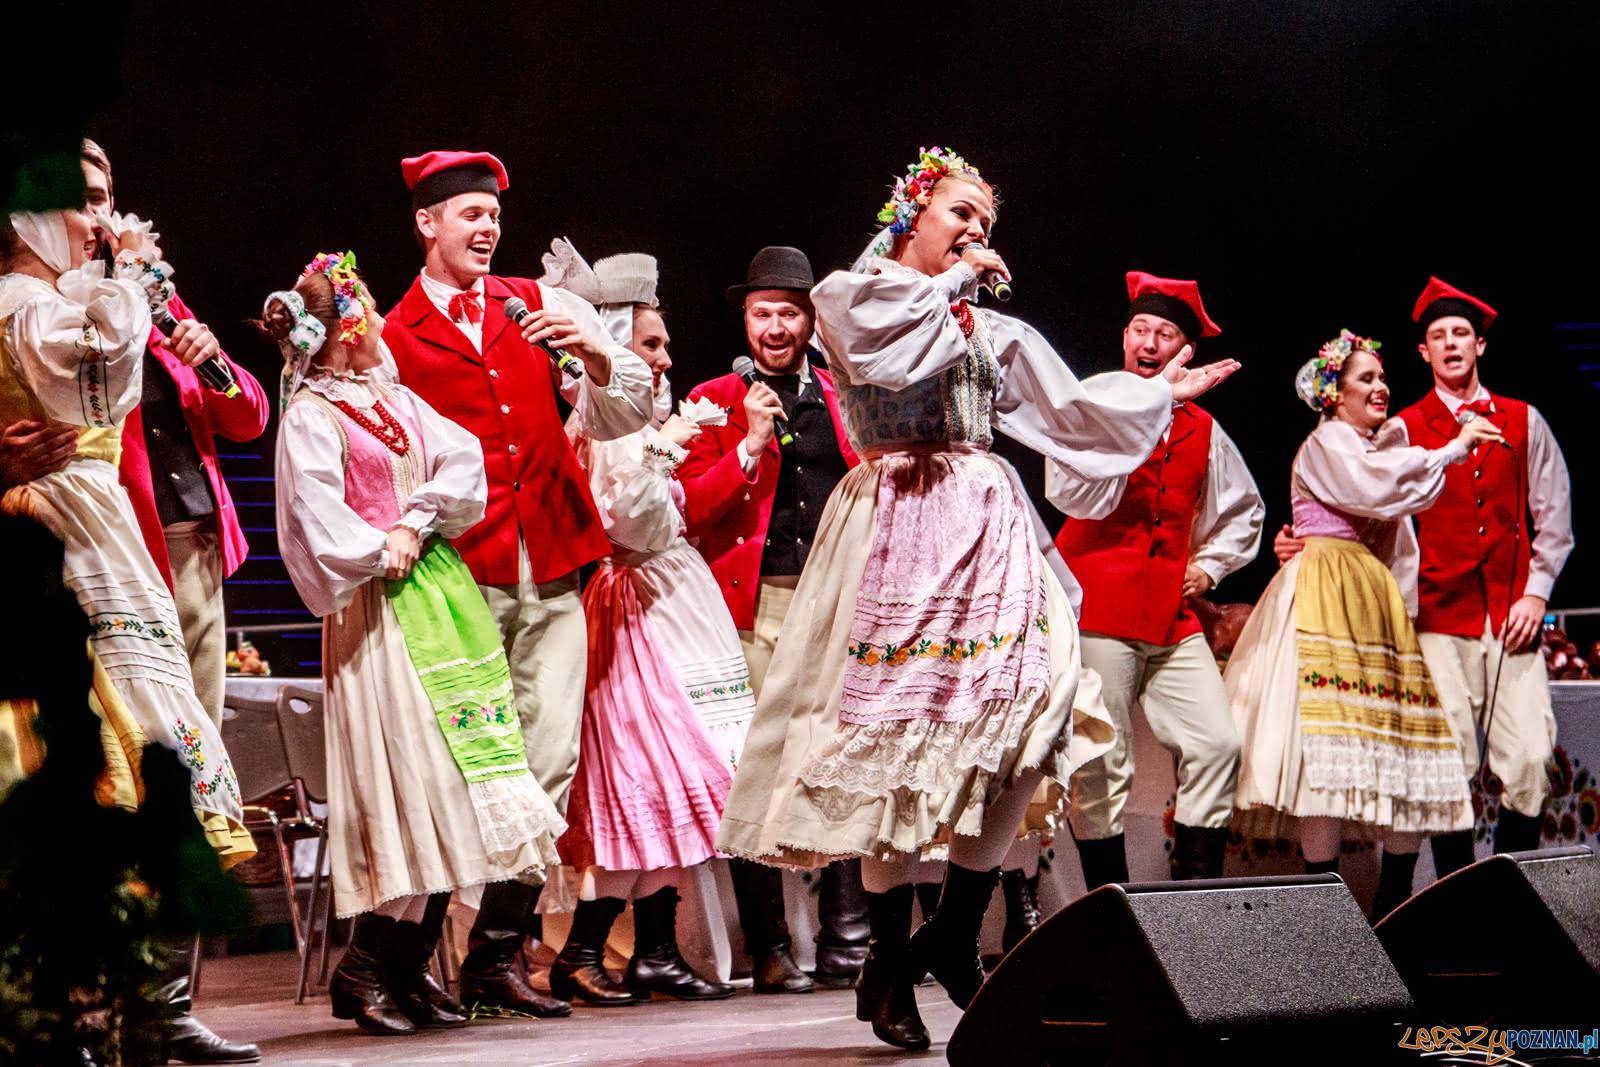 Ostatnia taka Biesiada  Foto: lepszyPOZNAN.pl / Ewelina Jaśkowiak